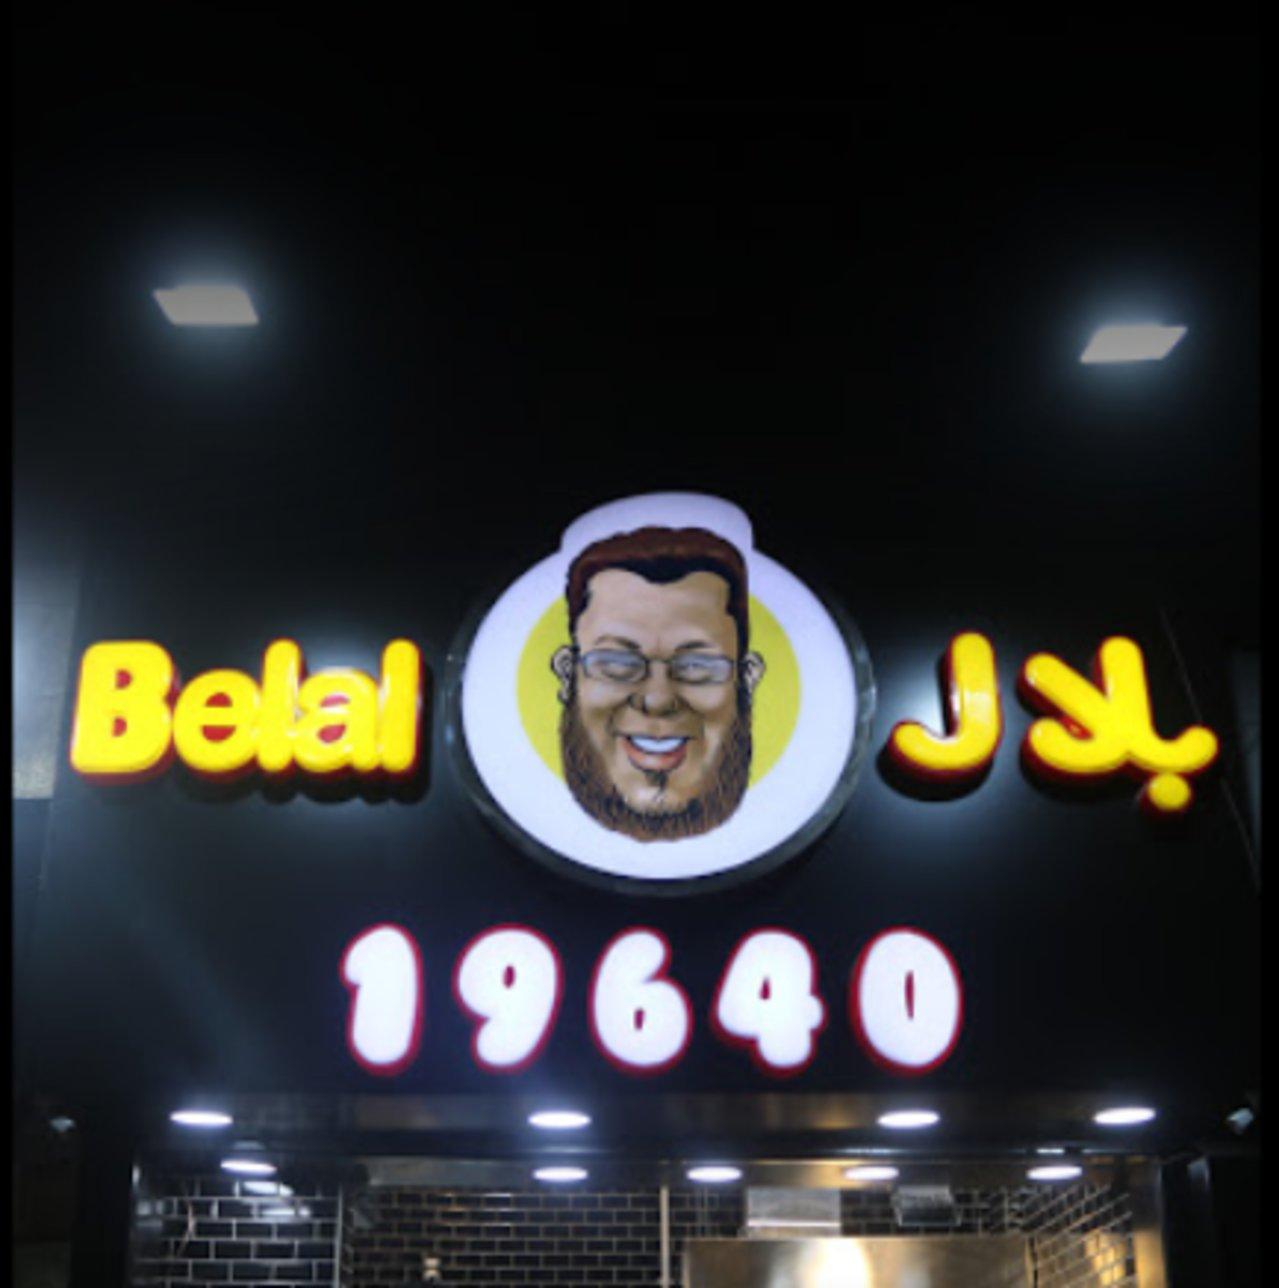 منيو مطعم بلال - رقم التوصيل وأسعار الوجبات والعروض 2021